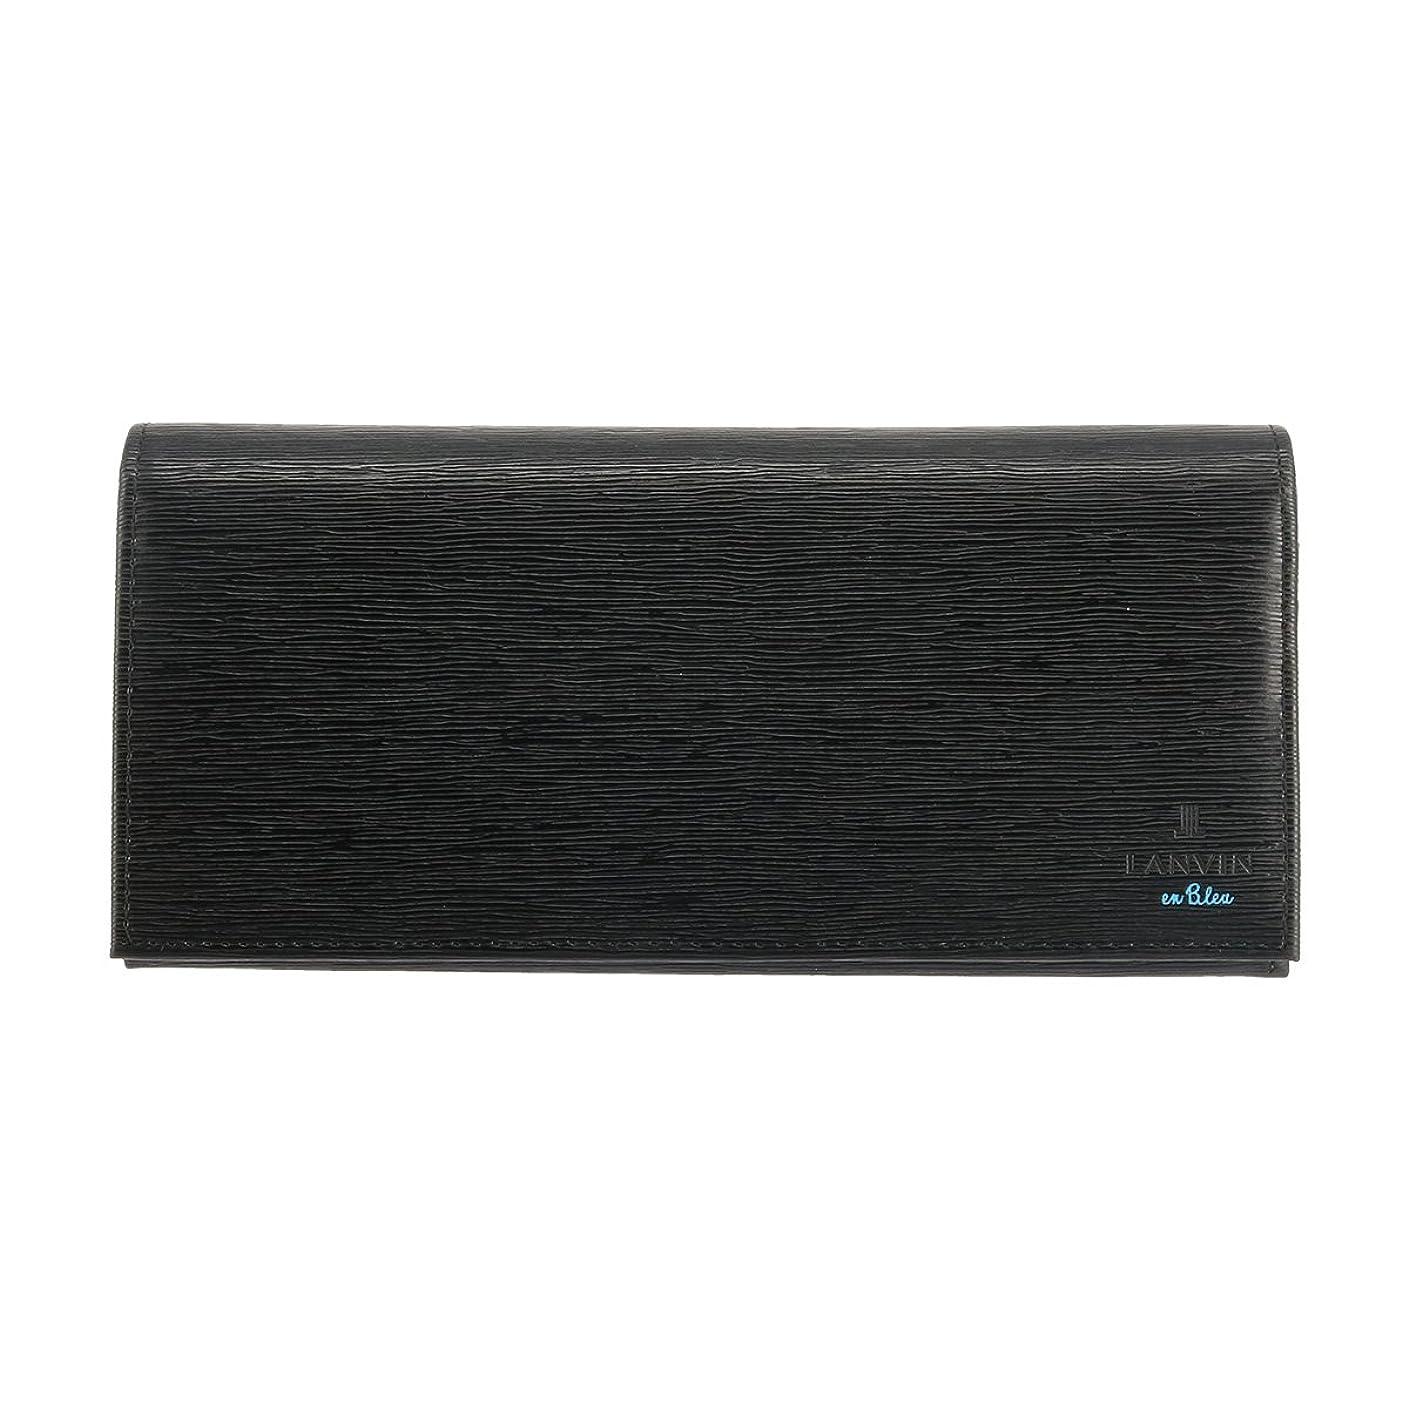 騒々しい邪魔するパスポート[ランバン オン ブルー] 長財布 バンパーカー メンズ 569604